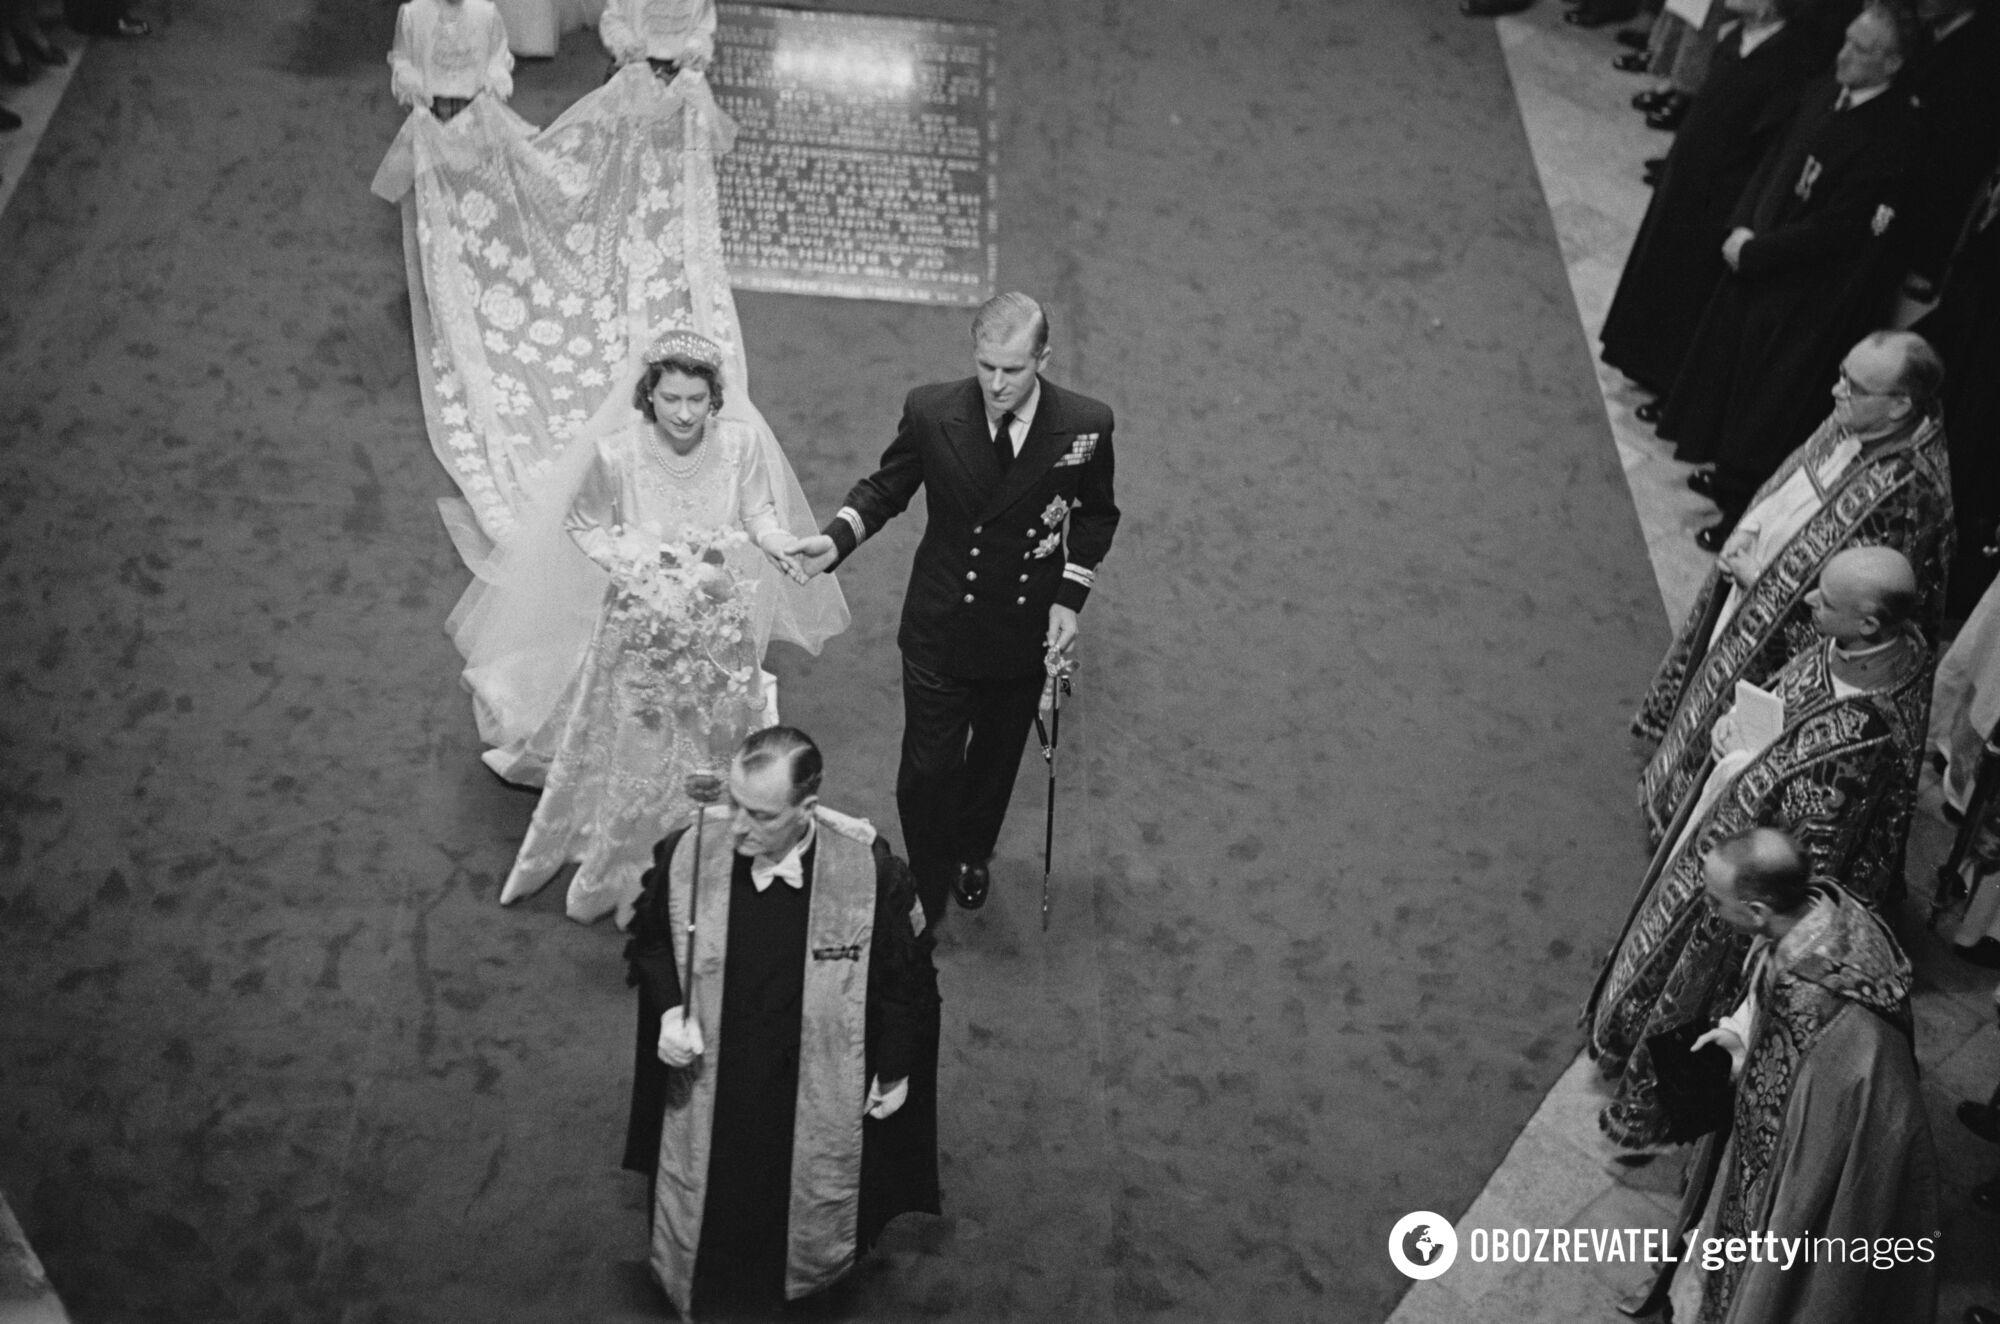 Щоб створити сукню нареченої, кутюр'є знадобилося понад 10 тисяч перлин